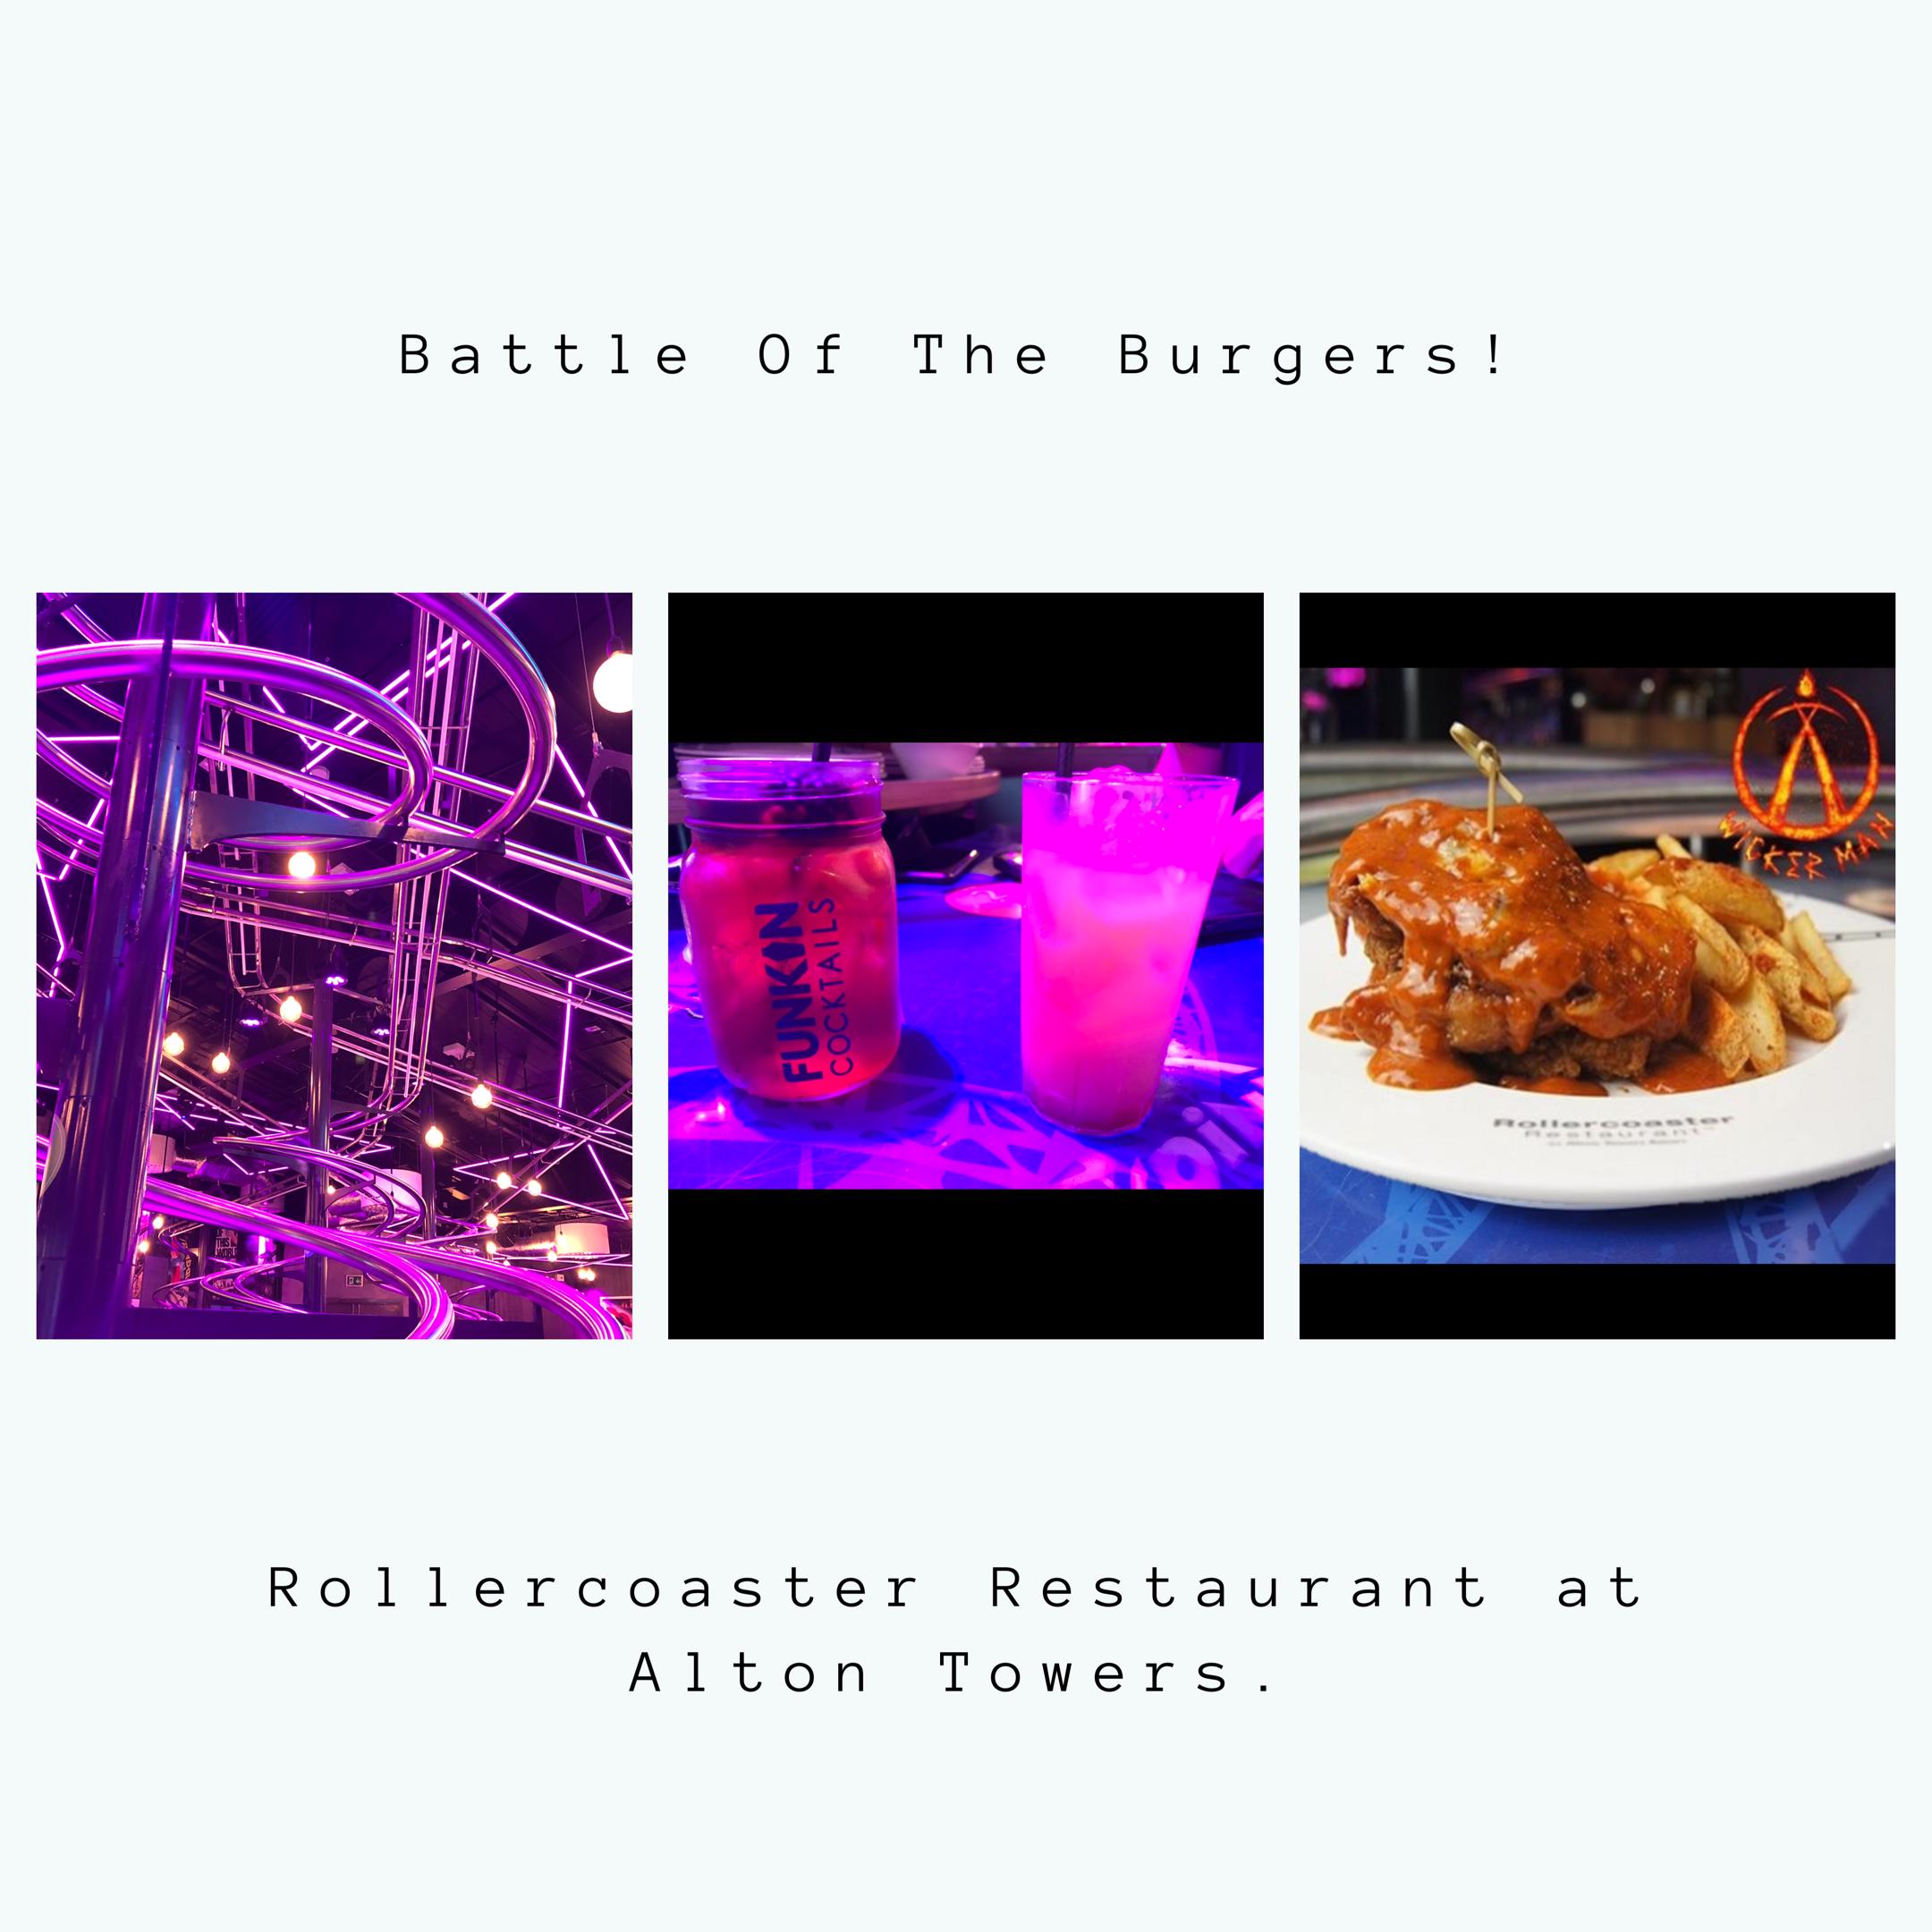 Rollercoaster Restaurant 2019